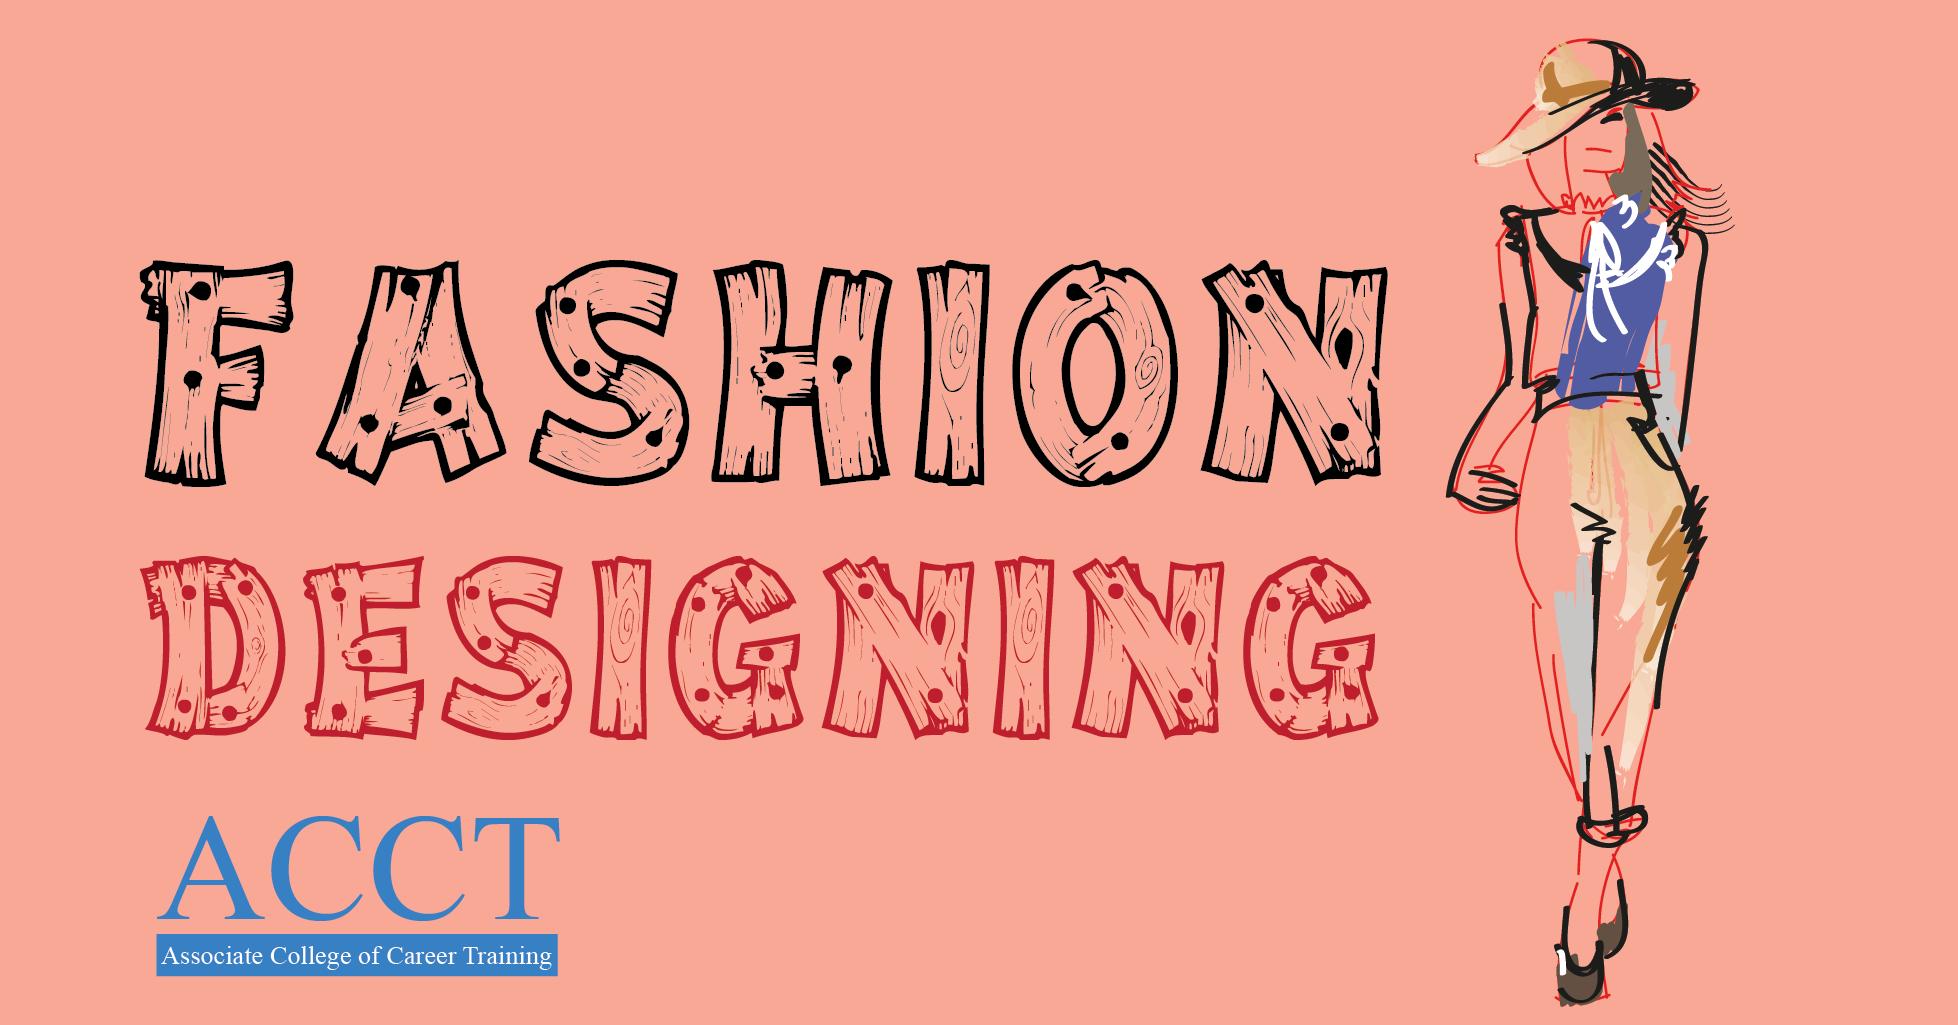 Fashion Designing Certificate Course In Ludhiana Chandigarh New Delhi Acct